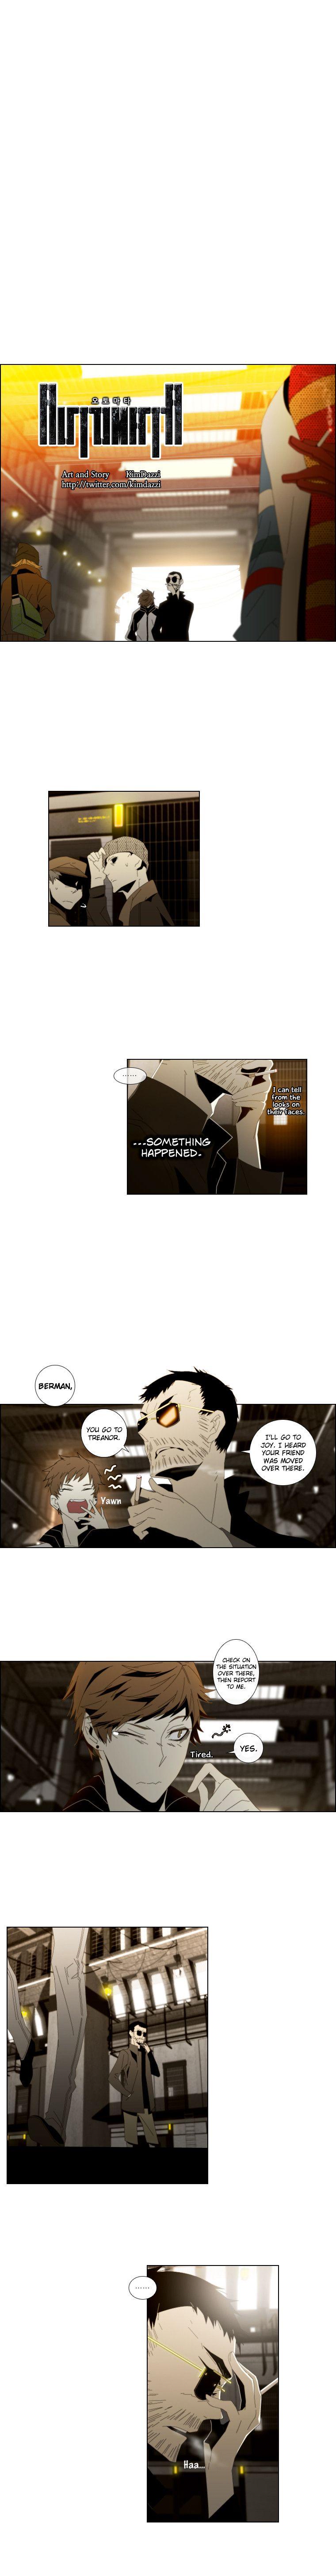 Automata 31 Page 2